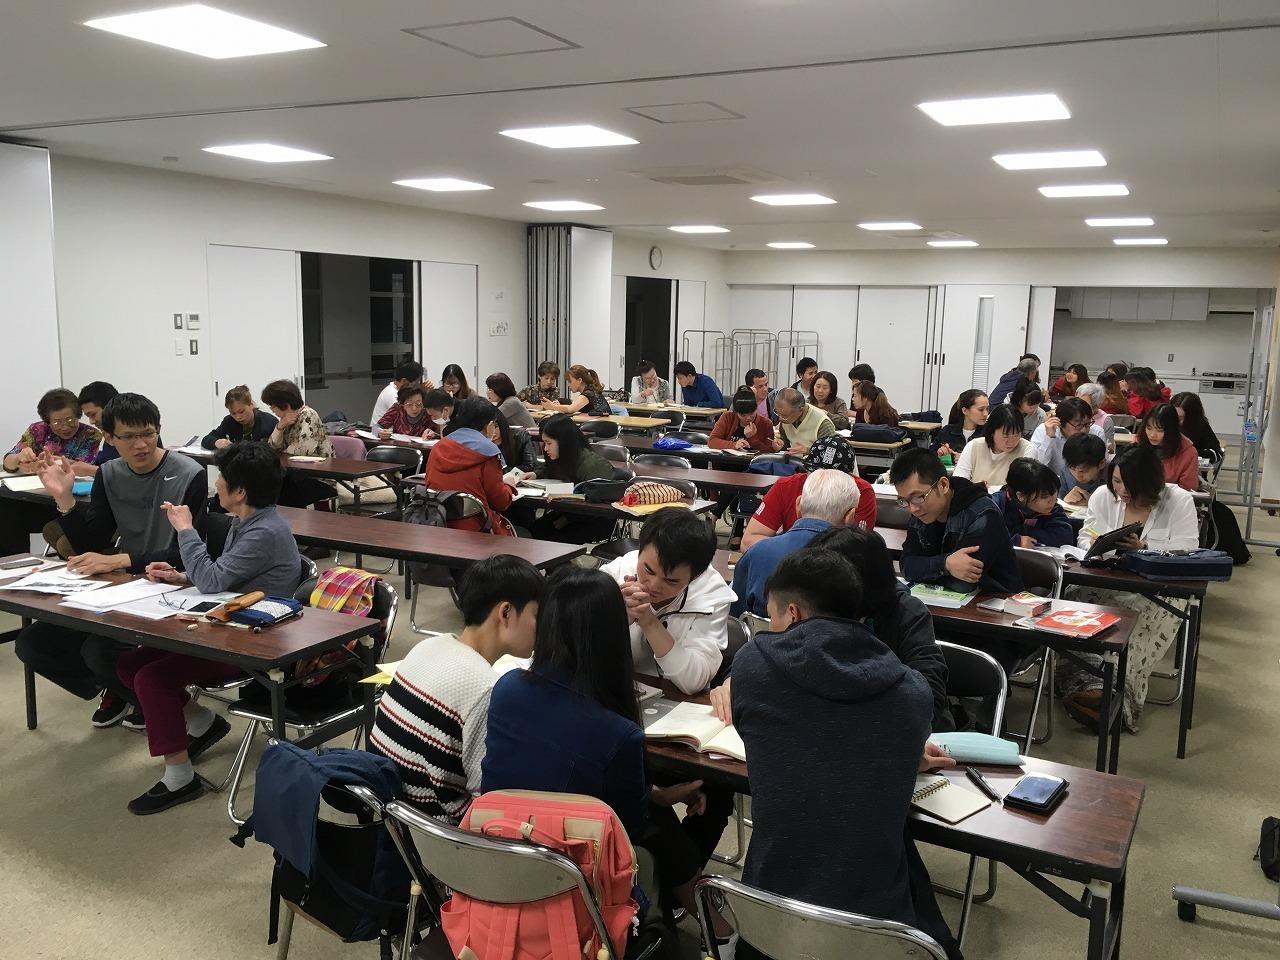 水曜日夜 永和教室の新しい教室の活動状況_e0175020_16031567.jpg